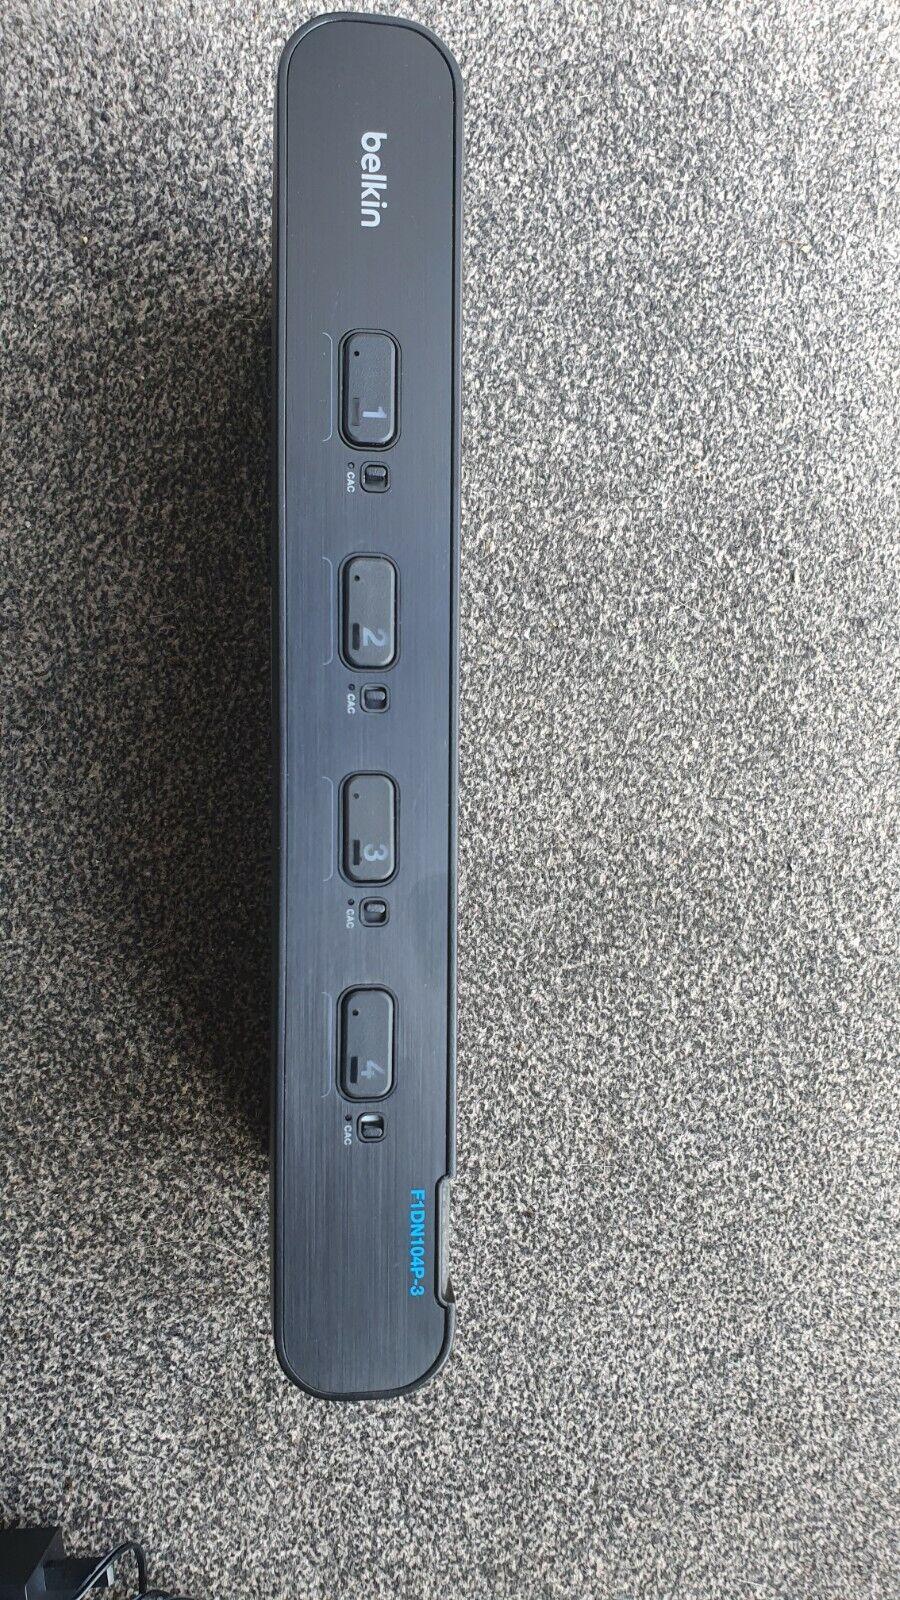 Belkin F1DN104P-3ea Advanced Secure 4-Port Plus Ultra HD KVM Switch